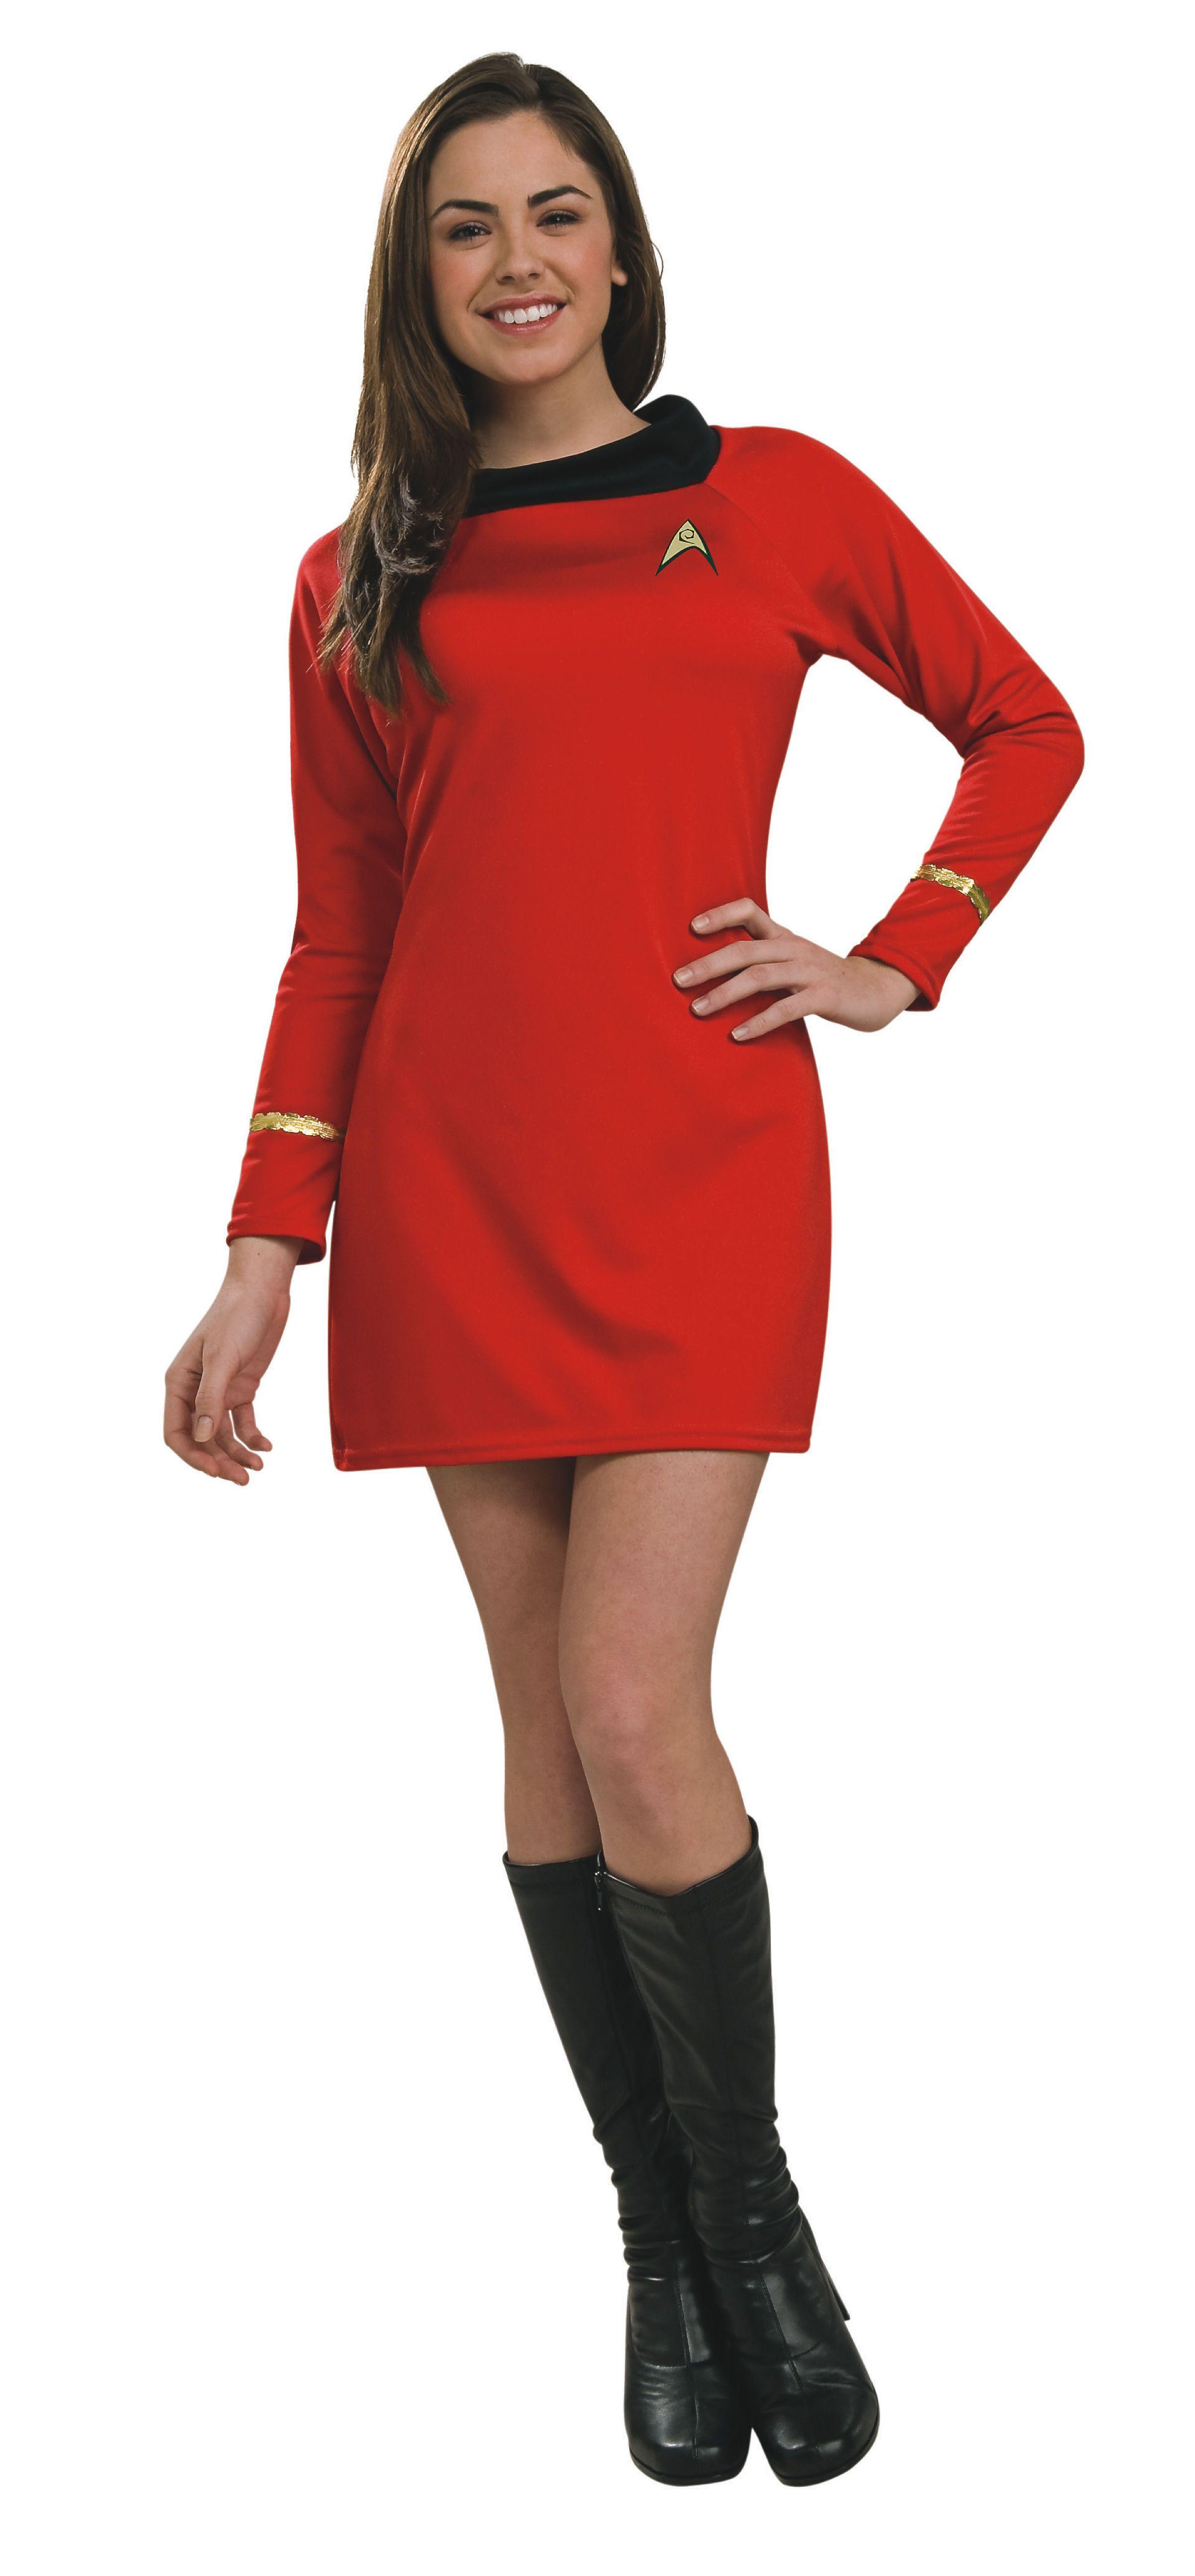 star trek uhura womens red dress costume - Uhura Halloween Costume